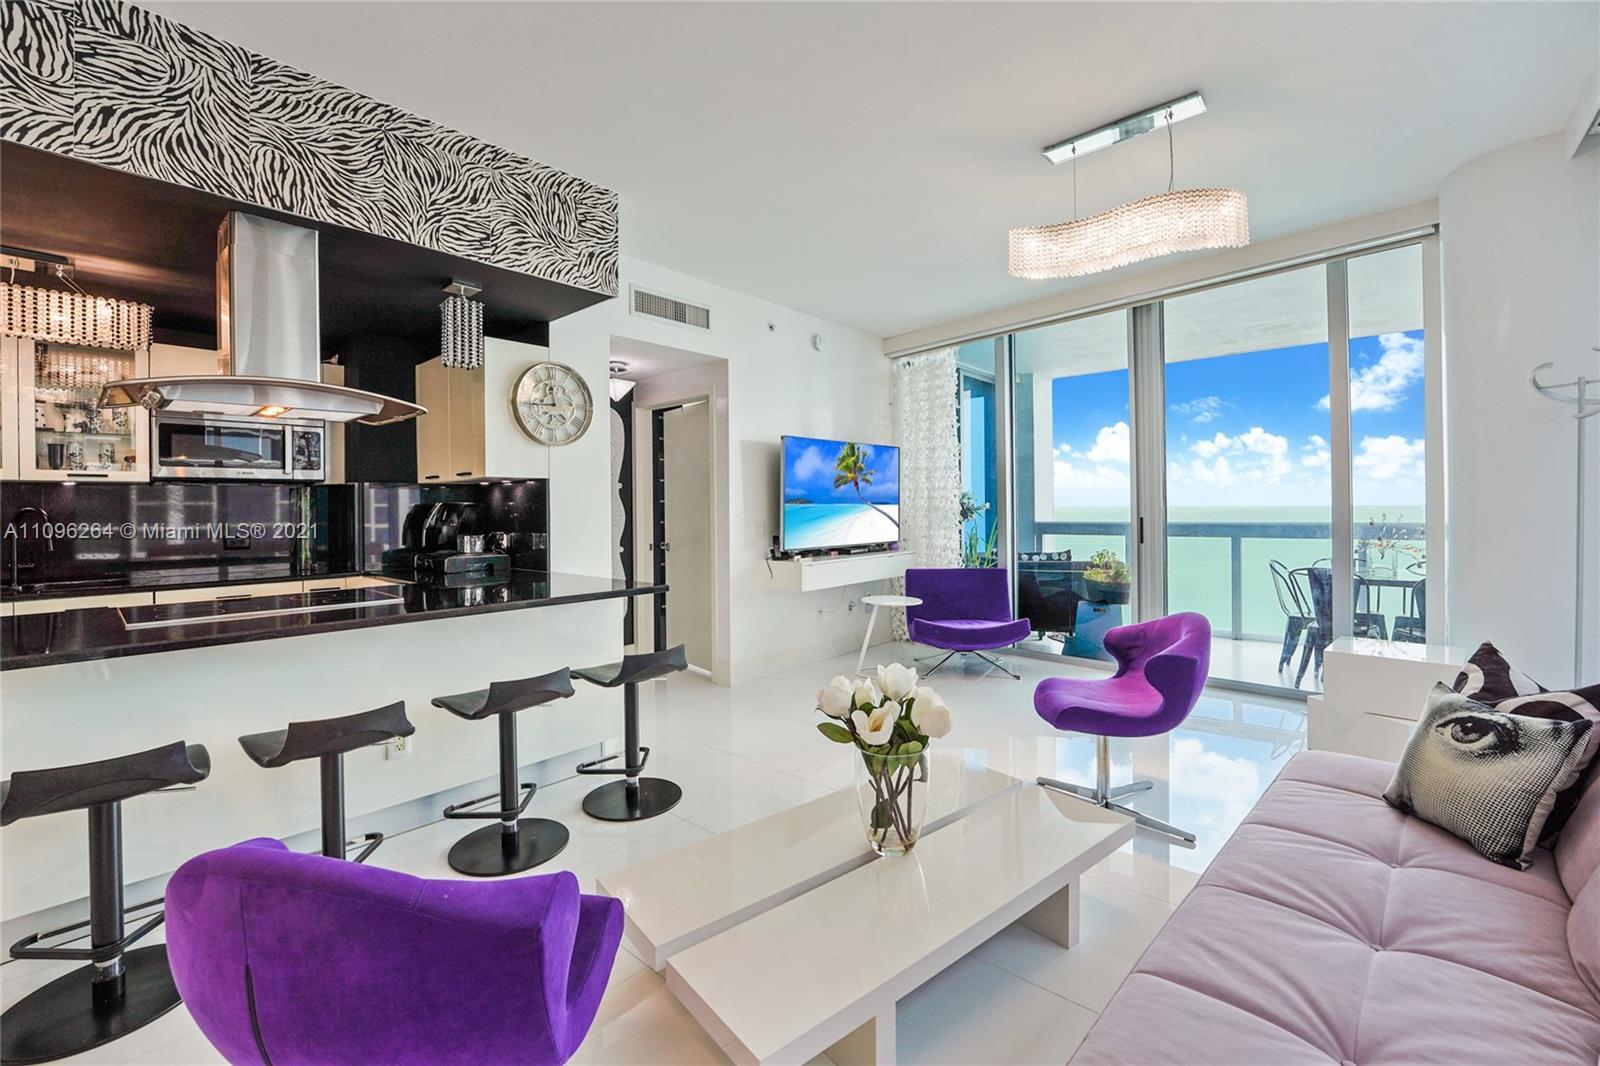 6899 Collins Ave Unit 1108, Miami Beach, Florida 33141